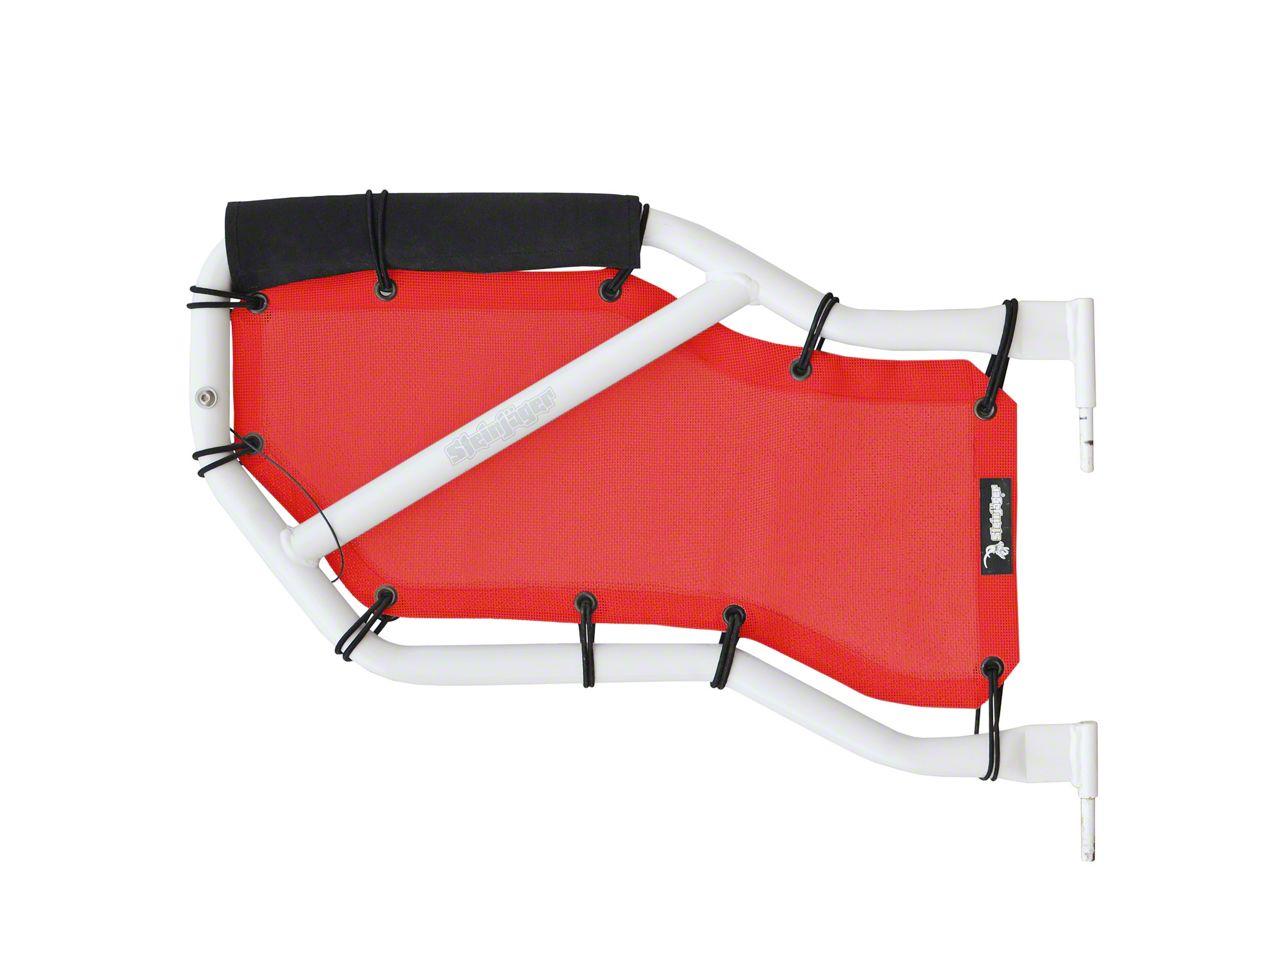 Steinjager Rear Tube Door Covers - Red (07-18 Jeep Wrangler JK 4 Door)